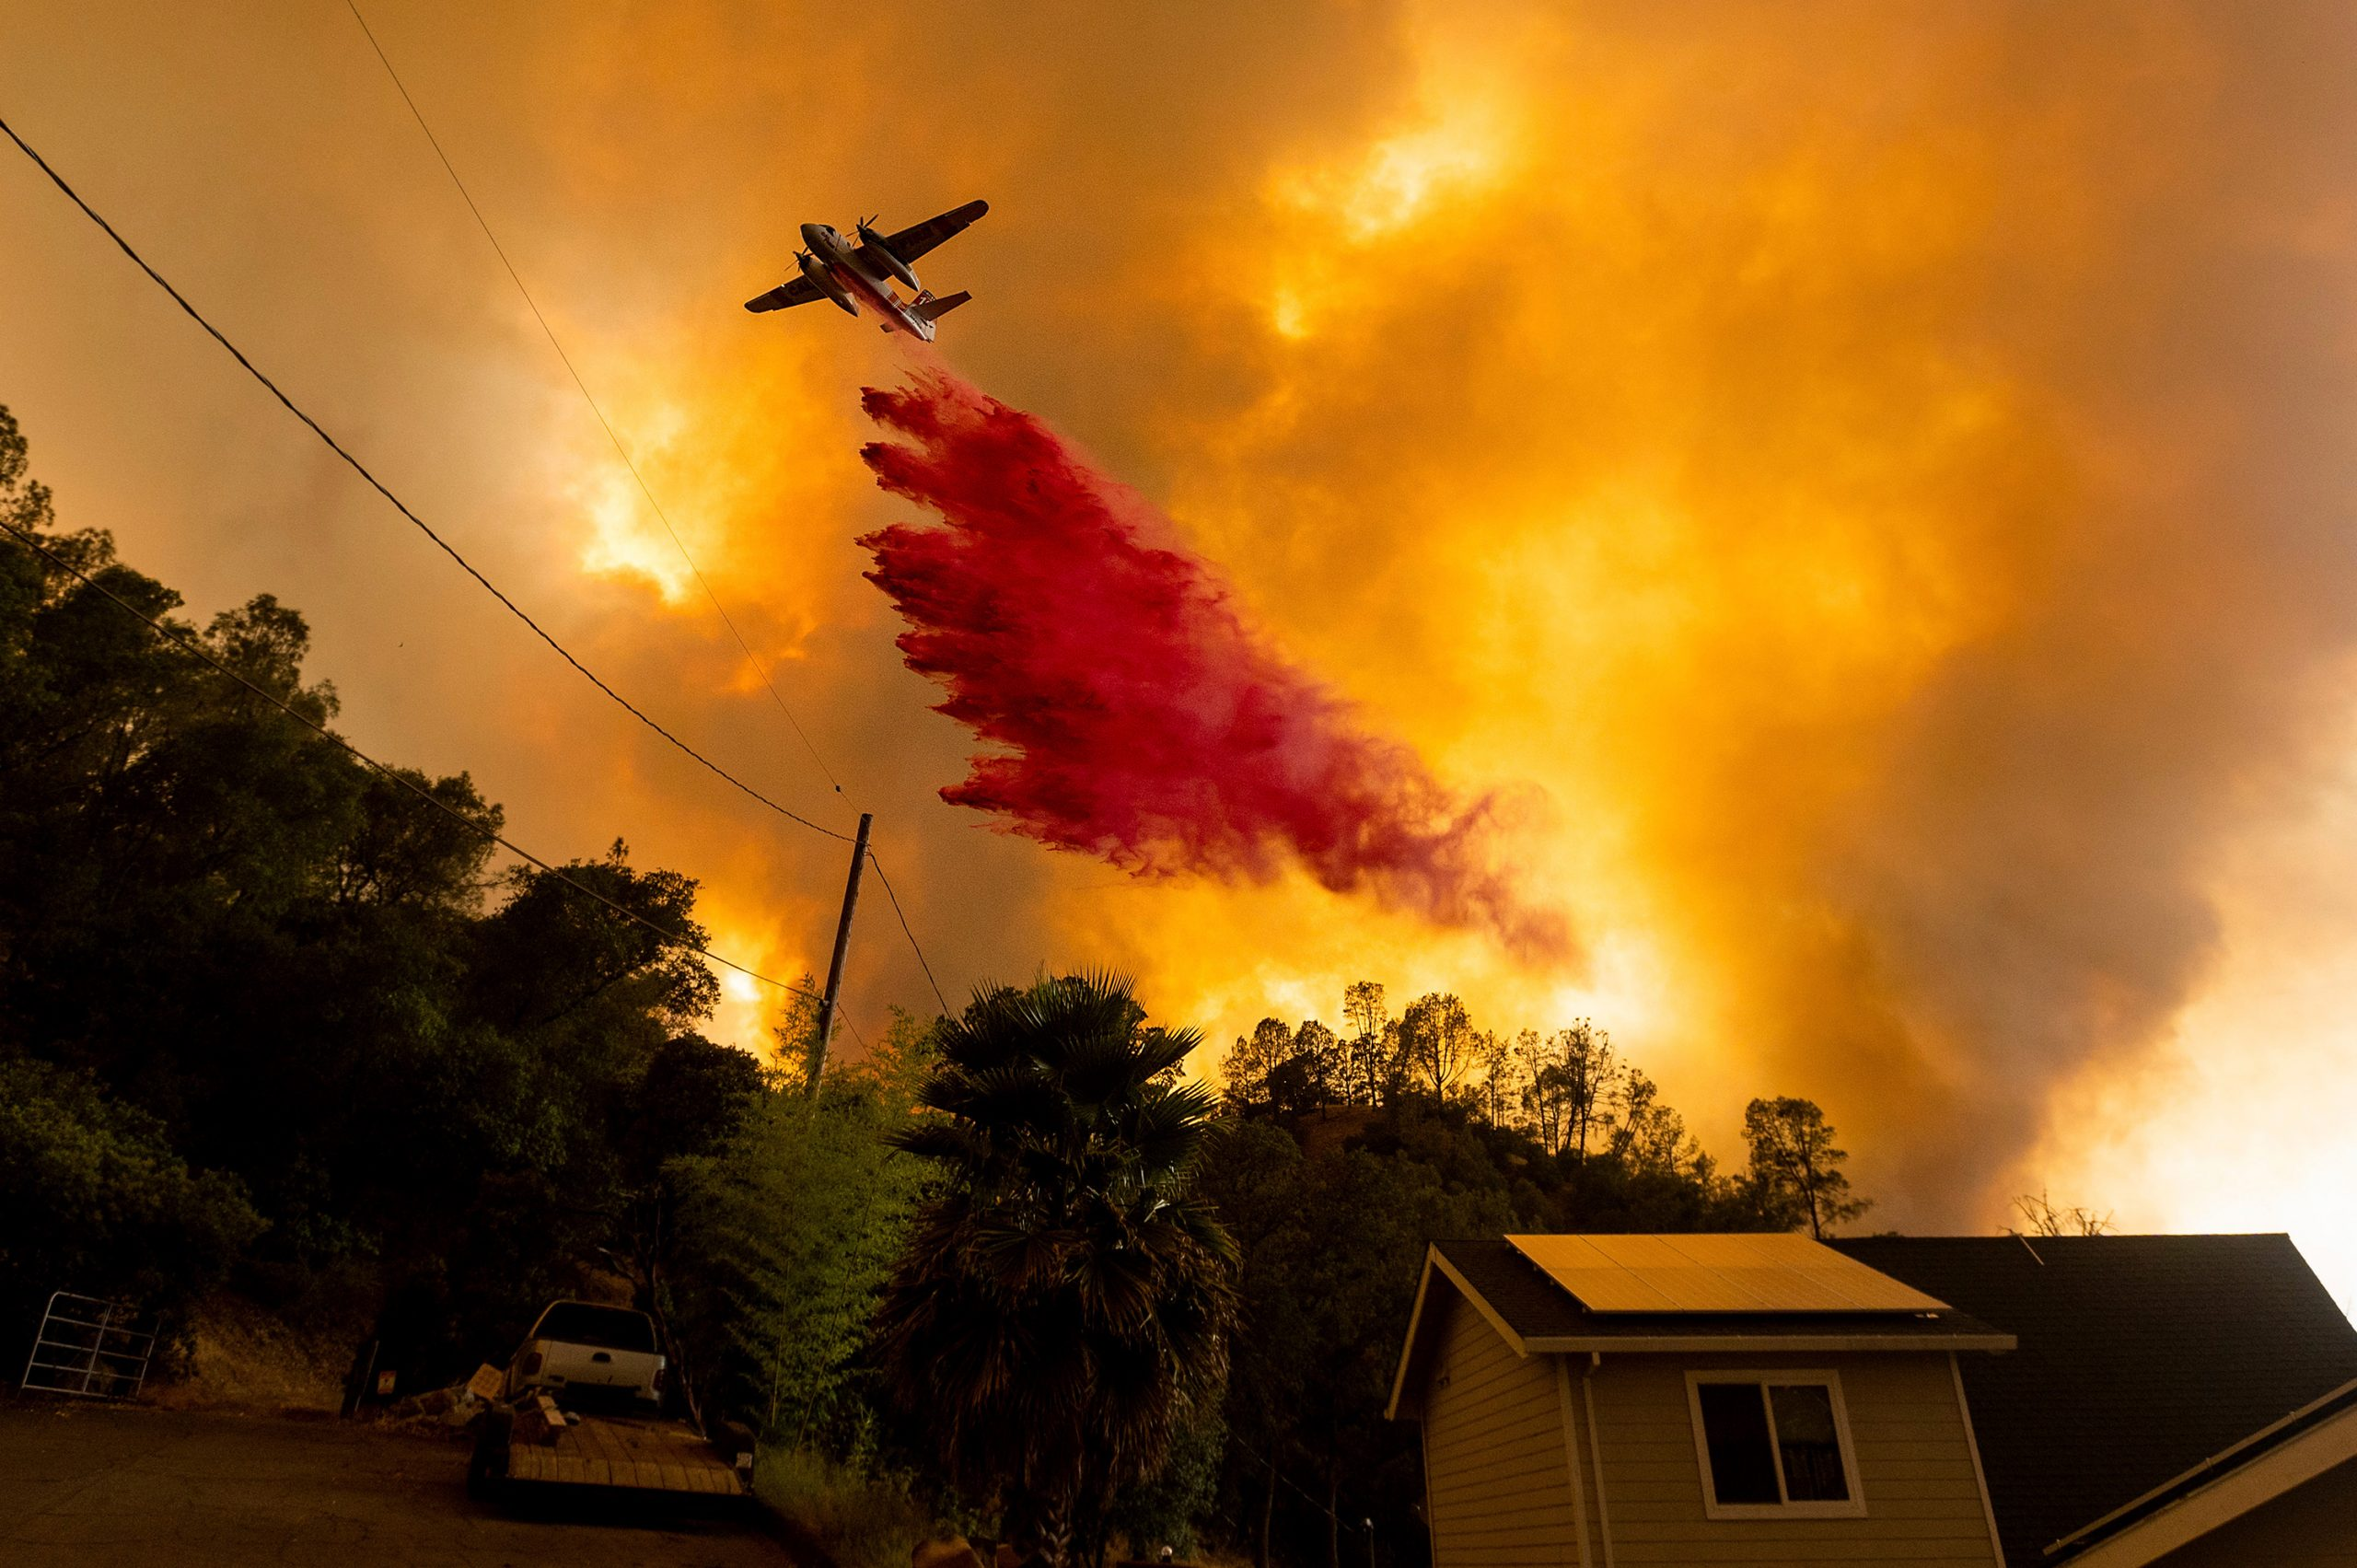 カリフォルニア州でまた山火事が多発、気候変動の影響は?